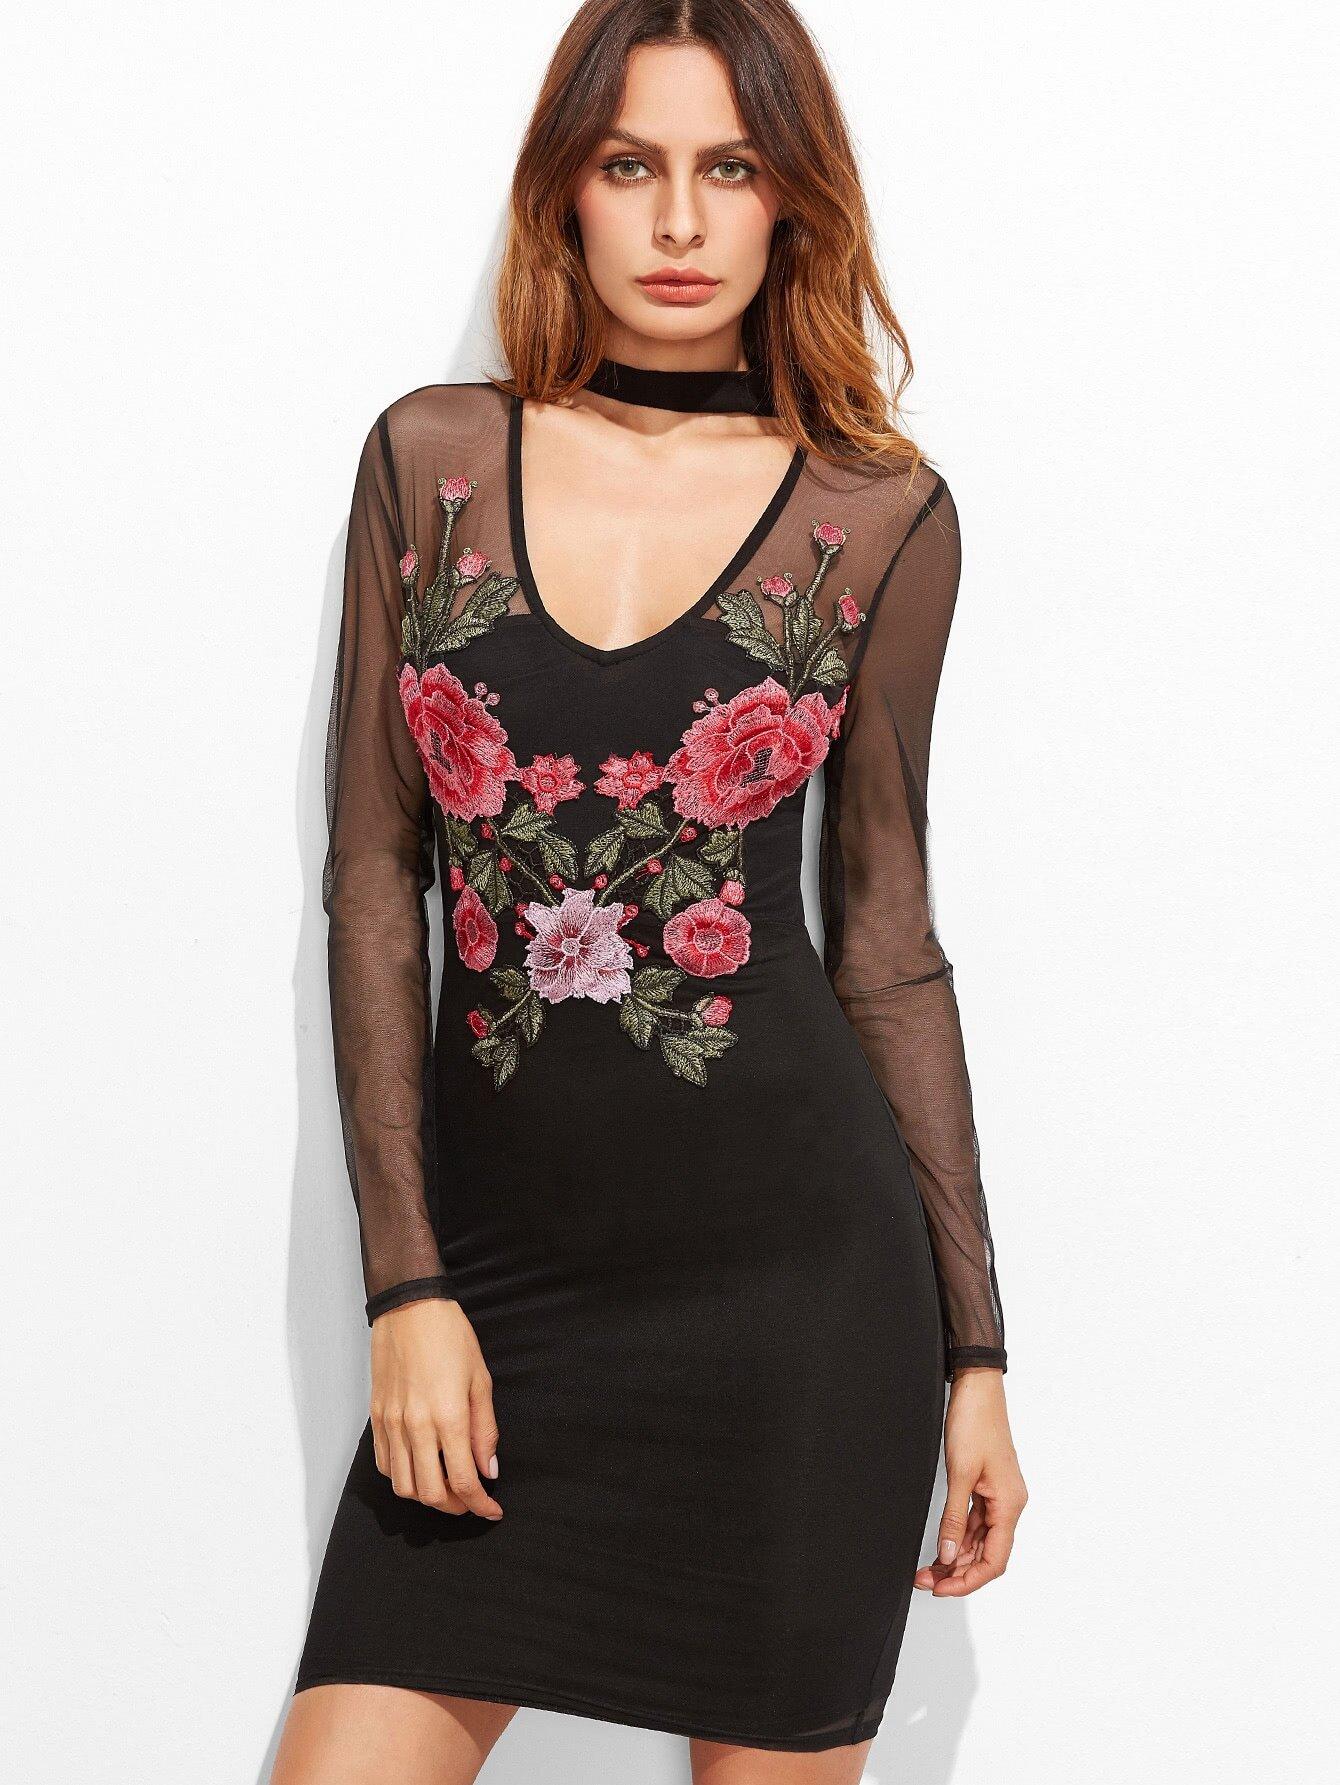 dress161208702_2